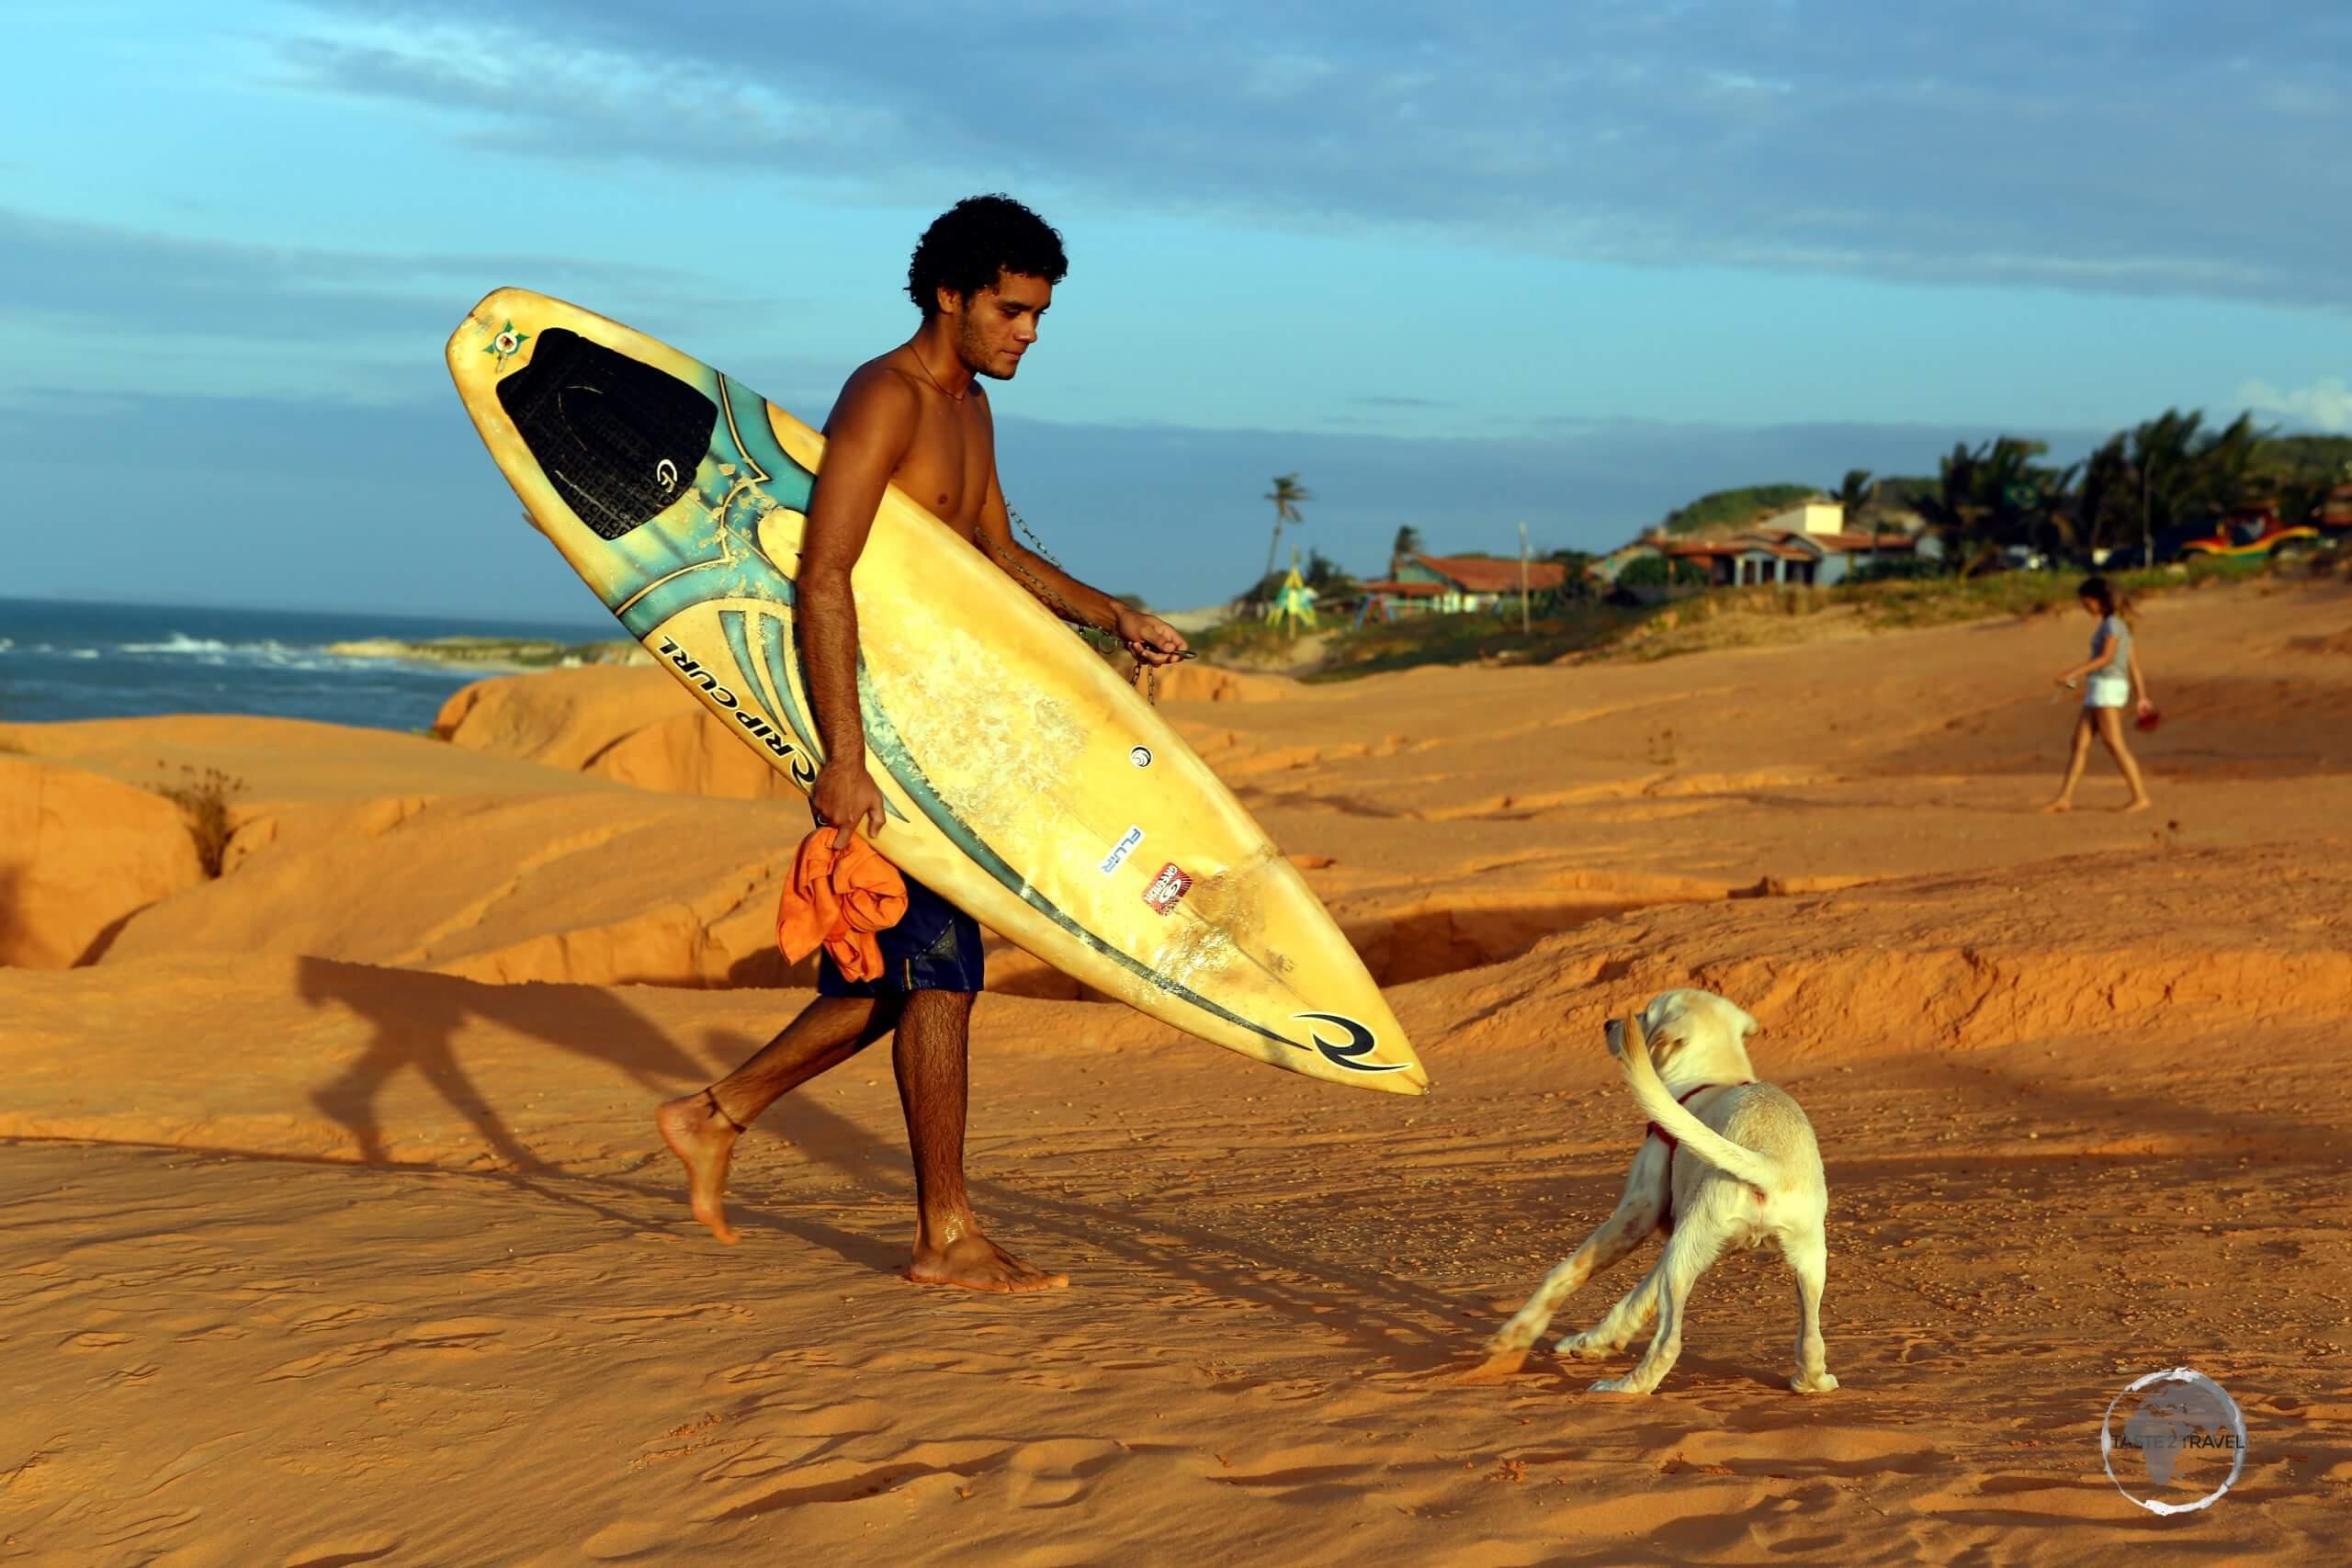 A surfer in Canoa Quebrada, Ceará state, Brazil.